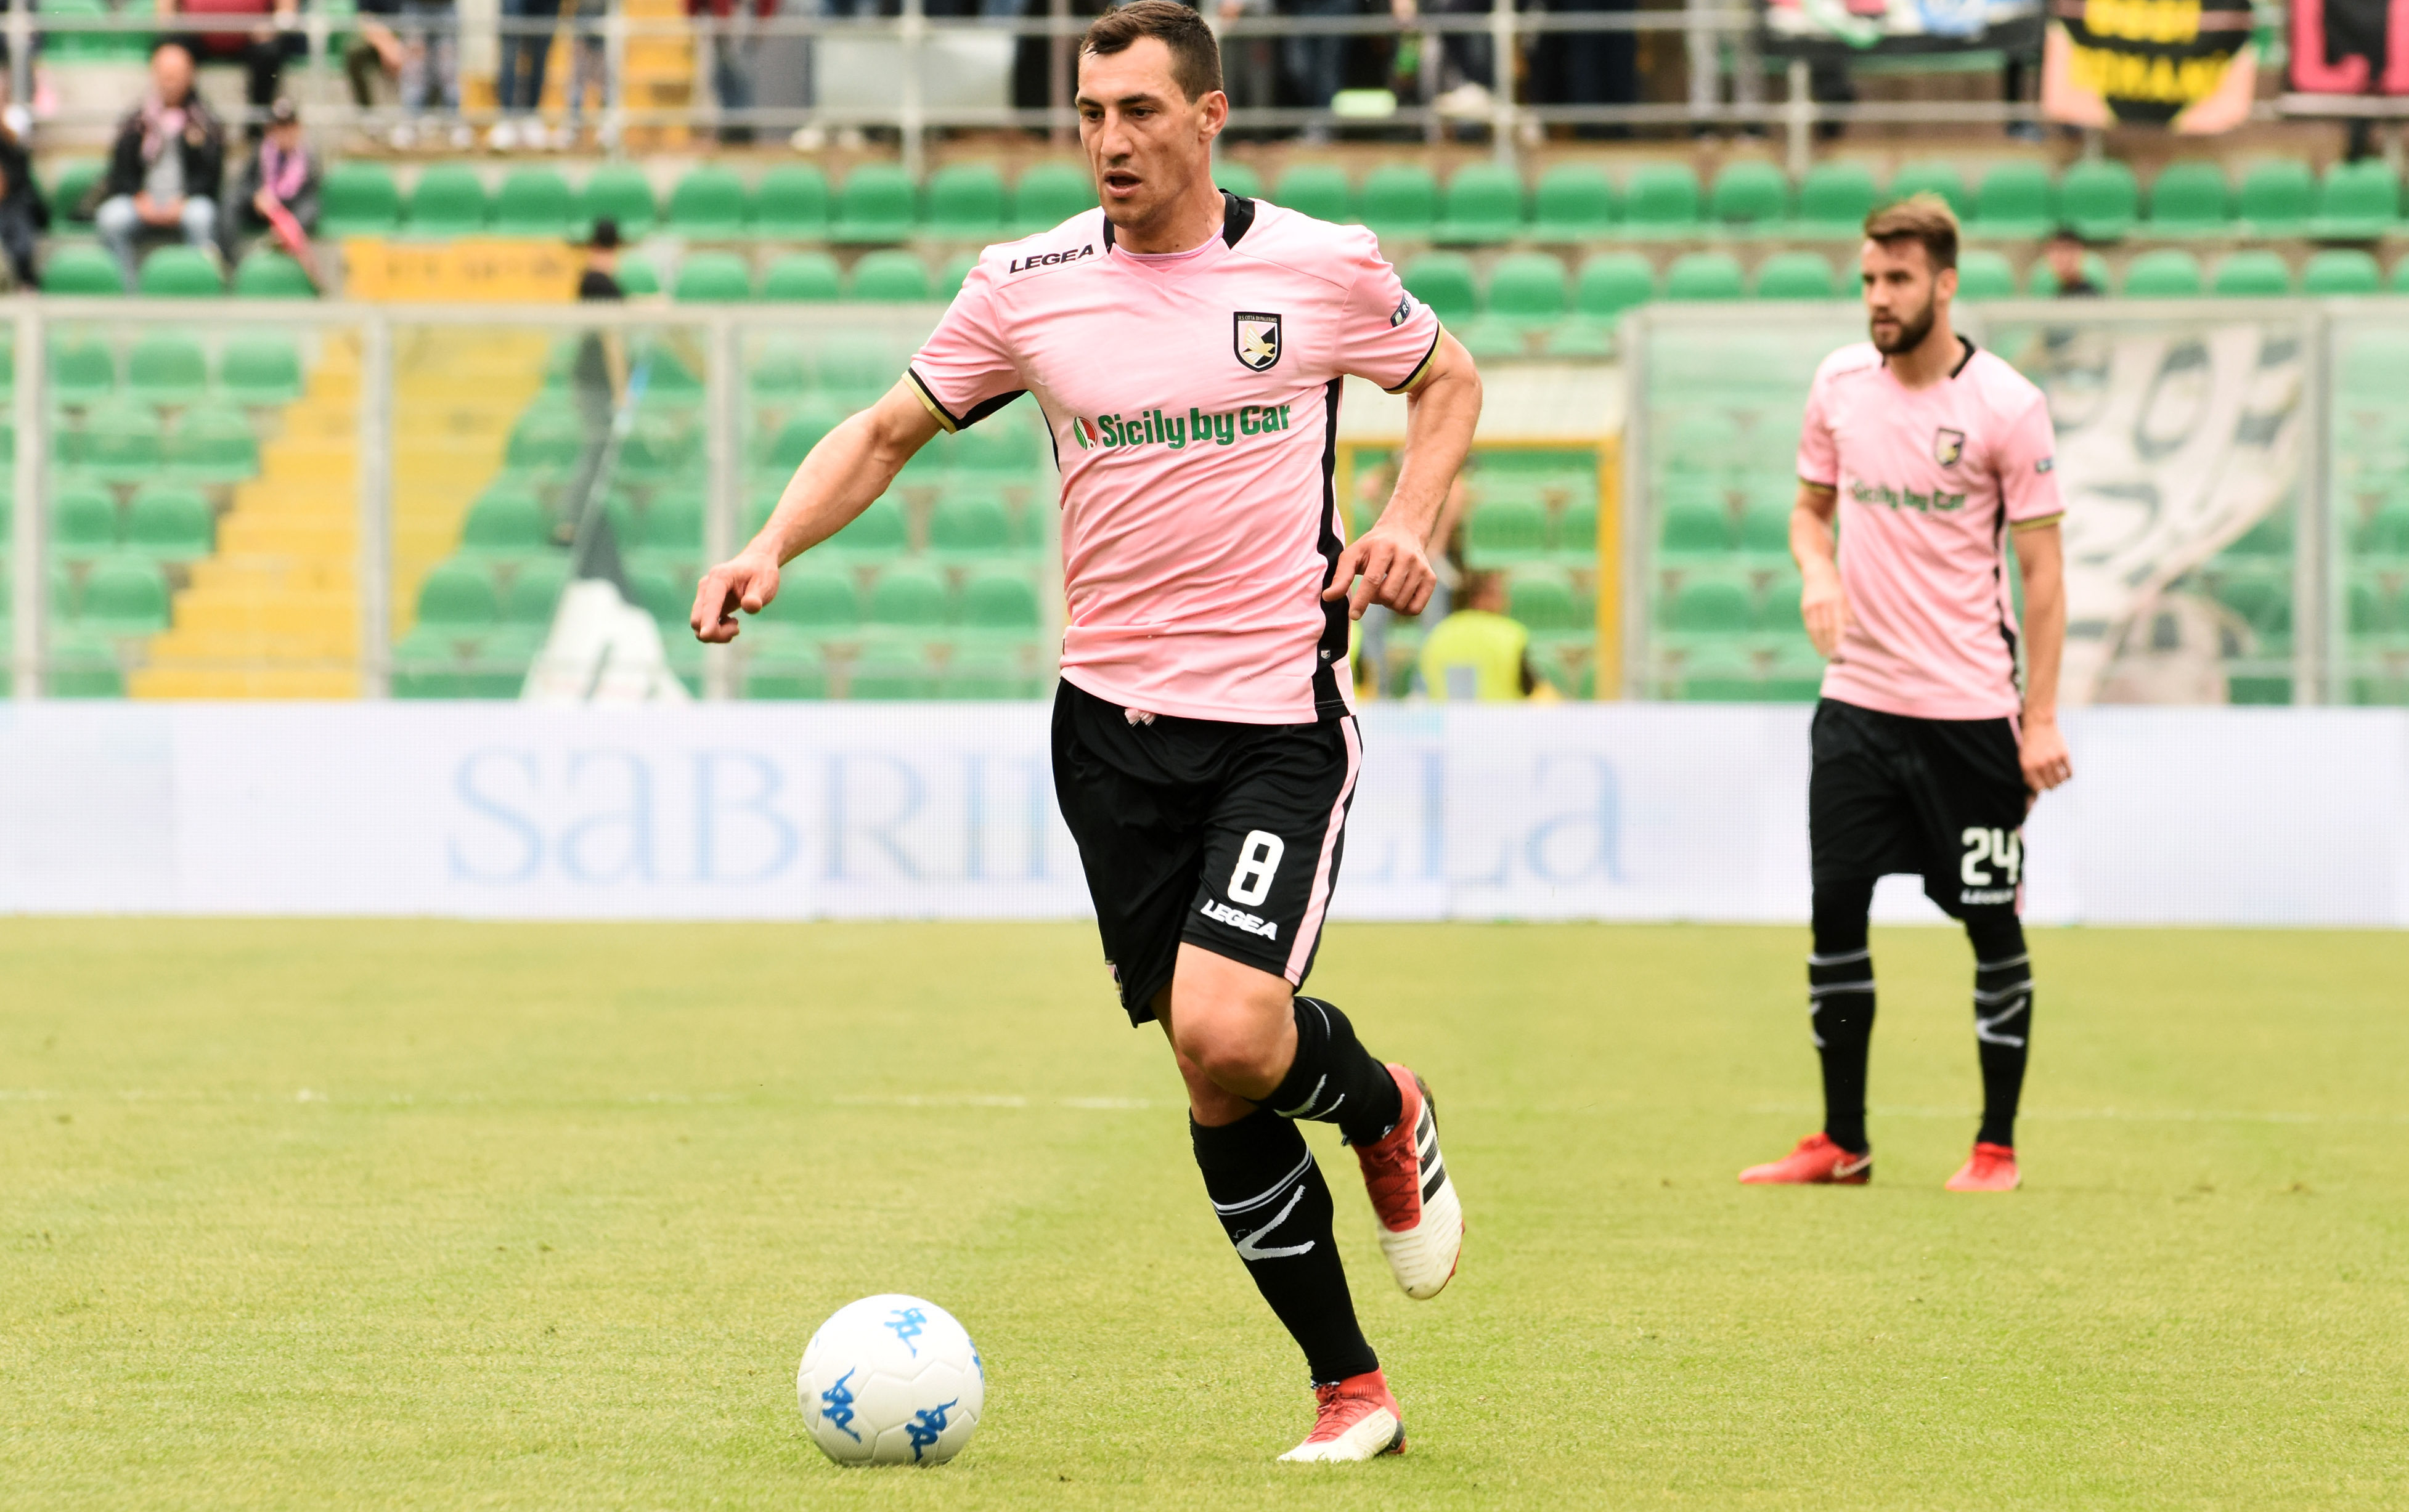 """Mato Jajalo ha parlato in zona mista al termine di Palermo – Frosinone. Una vittoria che avvicina i rosa alla Serie A: """"Le cose più importanti sono state la prestazione e la vittoria. Era l'ultima in casa, c'era lo stadio pieno con dei tifosi fantastici. Adesso dobbiamo recuperare bene e concentrarci sulla partita di ritorno. Abbiamo preso gol con un mezzo tiro, sin dall'inizioabbiamo dato tuttoe sapevamo che sarebbe stata una partita dura"""". IL PALERMO VA IN SERIE A SE… Jajalo ha le idee chiare sull'atteggiamento da tenere in campo a Frosinone: """"Andremo per vincere, anche oggi avremmo meritato un"""